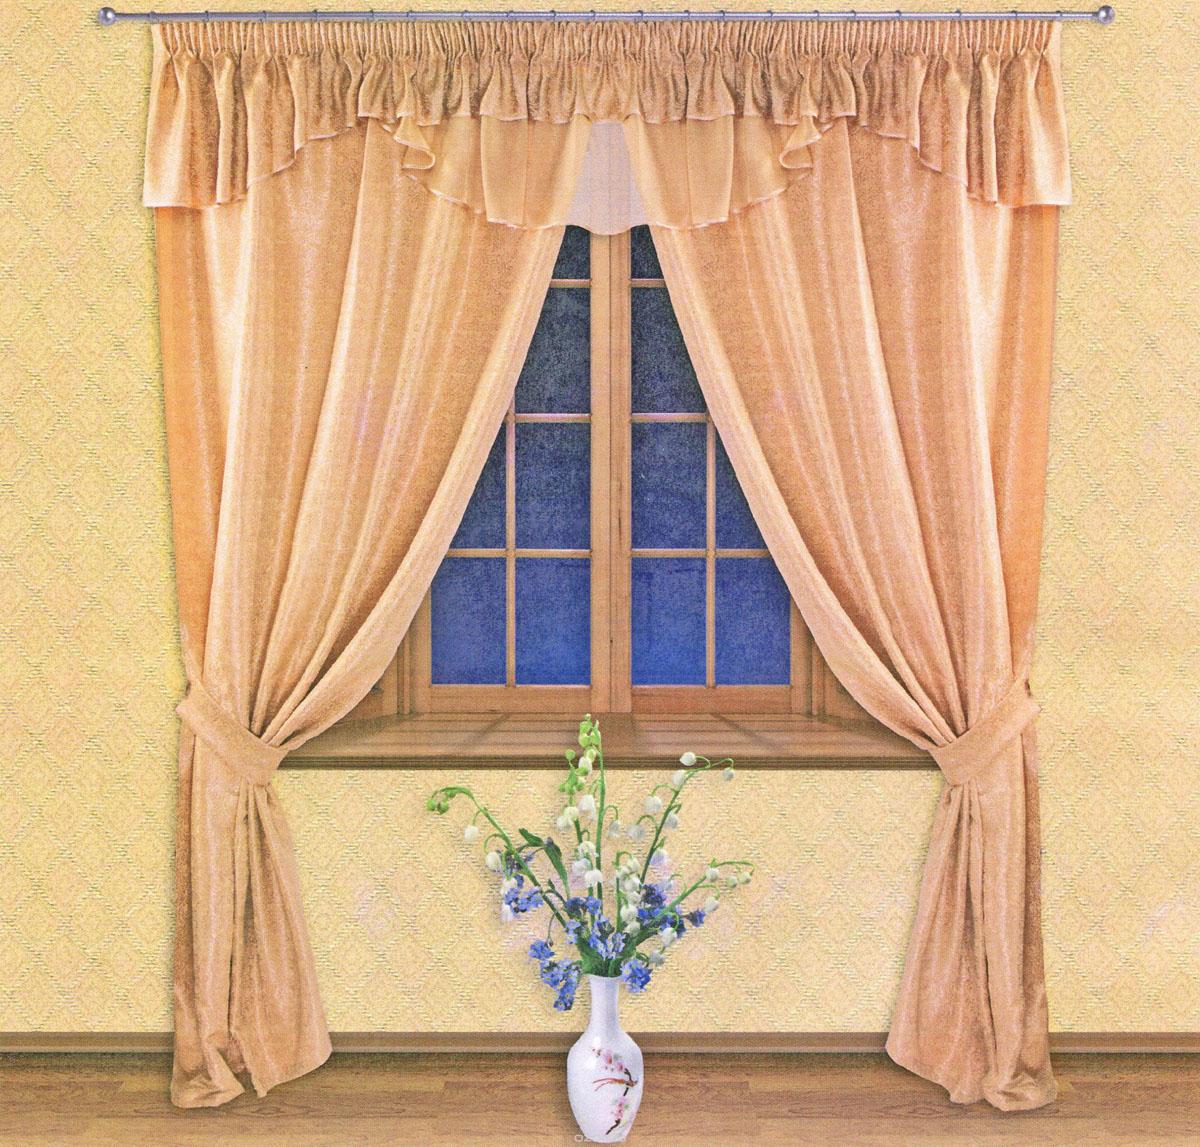 Комплект штор Zlata Korunka, на ленте, цвет: золотистый, высота 250 см. 5551355513Роскошный комплект штор Zlata Korunka, выполненный из сатина, жаккарда и вуали (100% полиэстера), великолепно украсит любое окно. Комплект состоит из двух портьер, тюля, ламбрекена и двух подхватов. Сочетание плотной и полупрозрачной тонкой ткани, цветочный принт и приятная, приглушенная гамма привлекут к себе внимание и органично впишутся в интерьер помещения. Комплект крепится на карниз при помощи шторной ленты, которая поможет красиво и равномерно задрапировать верх. Портьеры можно зафиксировать в одном положении с помощью двух подхватов. Этот комплект будет долгое время радовать вас и вашу семью! В комплект входит: Портьера: 2 шт. Размер (ШхВ): 140 см х 250 см. Ламбрекен: 1 шт. Размер (ШхВ): 450 см х 50 см. Подхват: 2 шт. Размер (ШхВ): 60 см х 10 см.